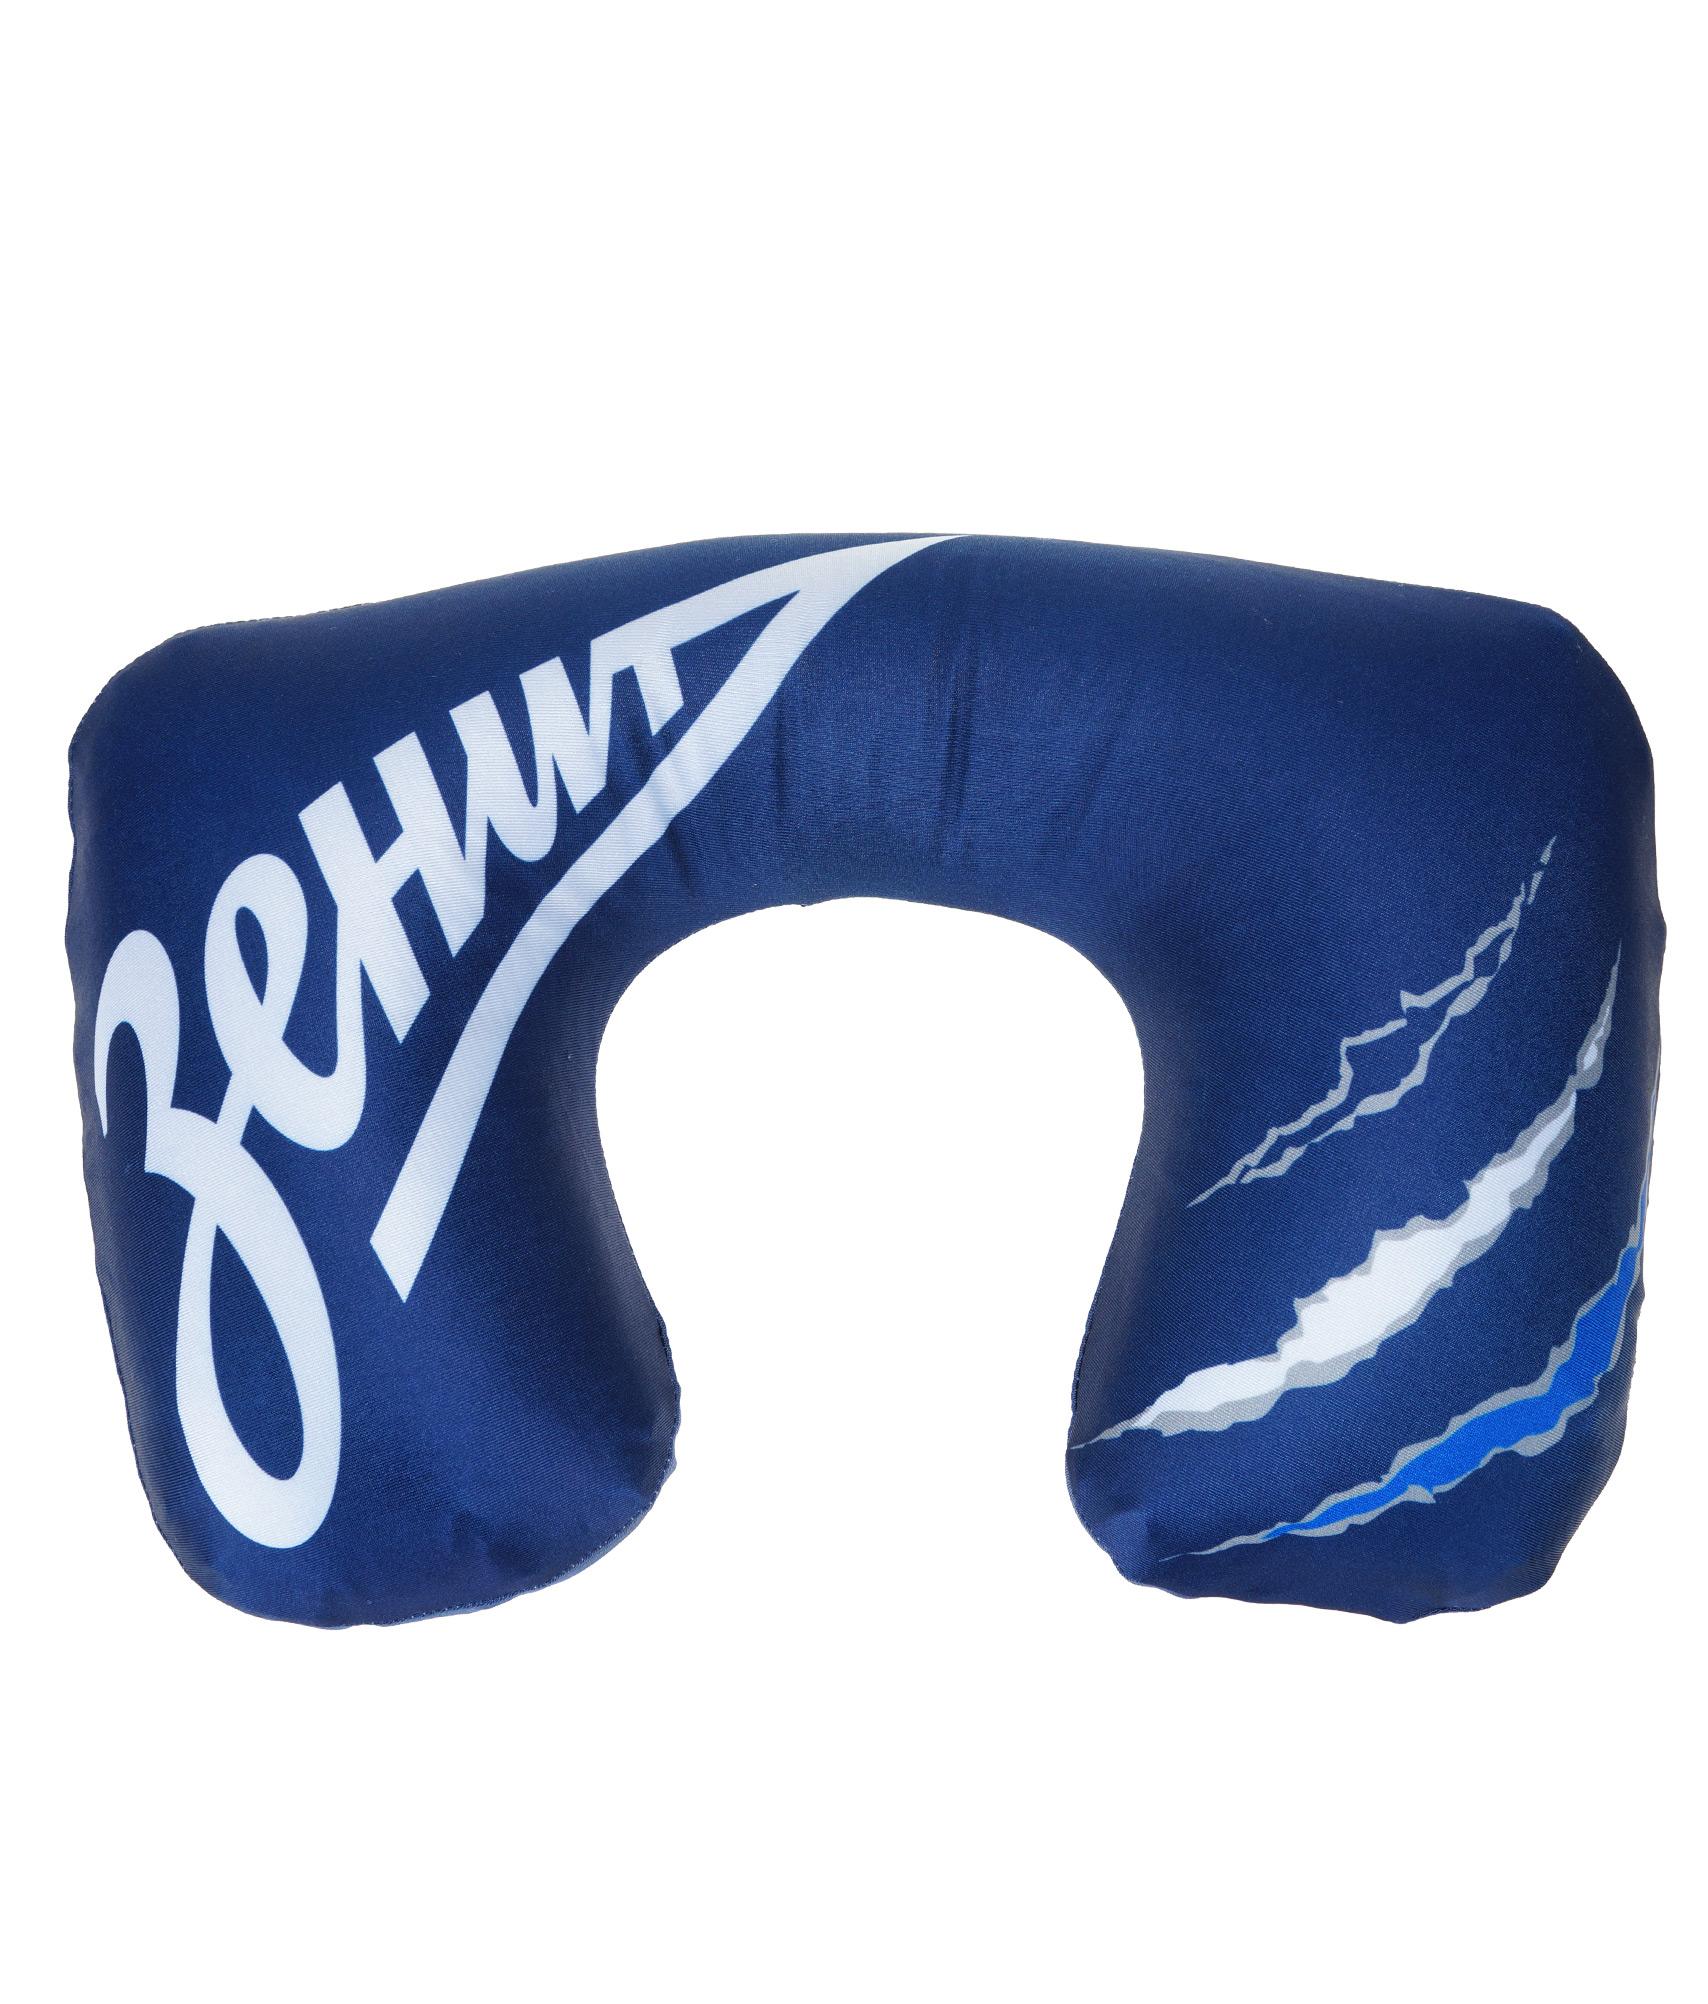 Надувная подушка для путешествий Зенит fosta подушка надувная с вырезом под голову f8052 синяя 42 х 27 5 см